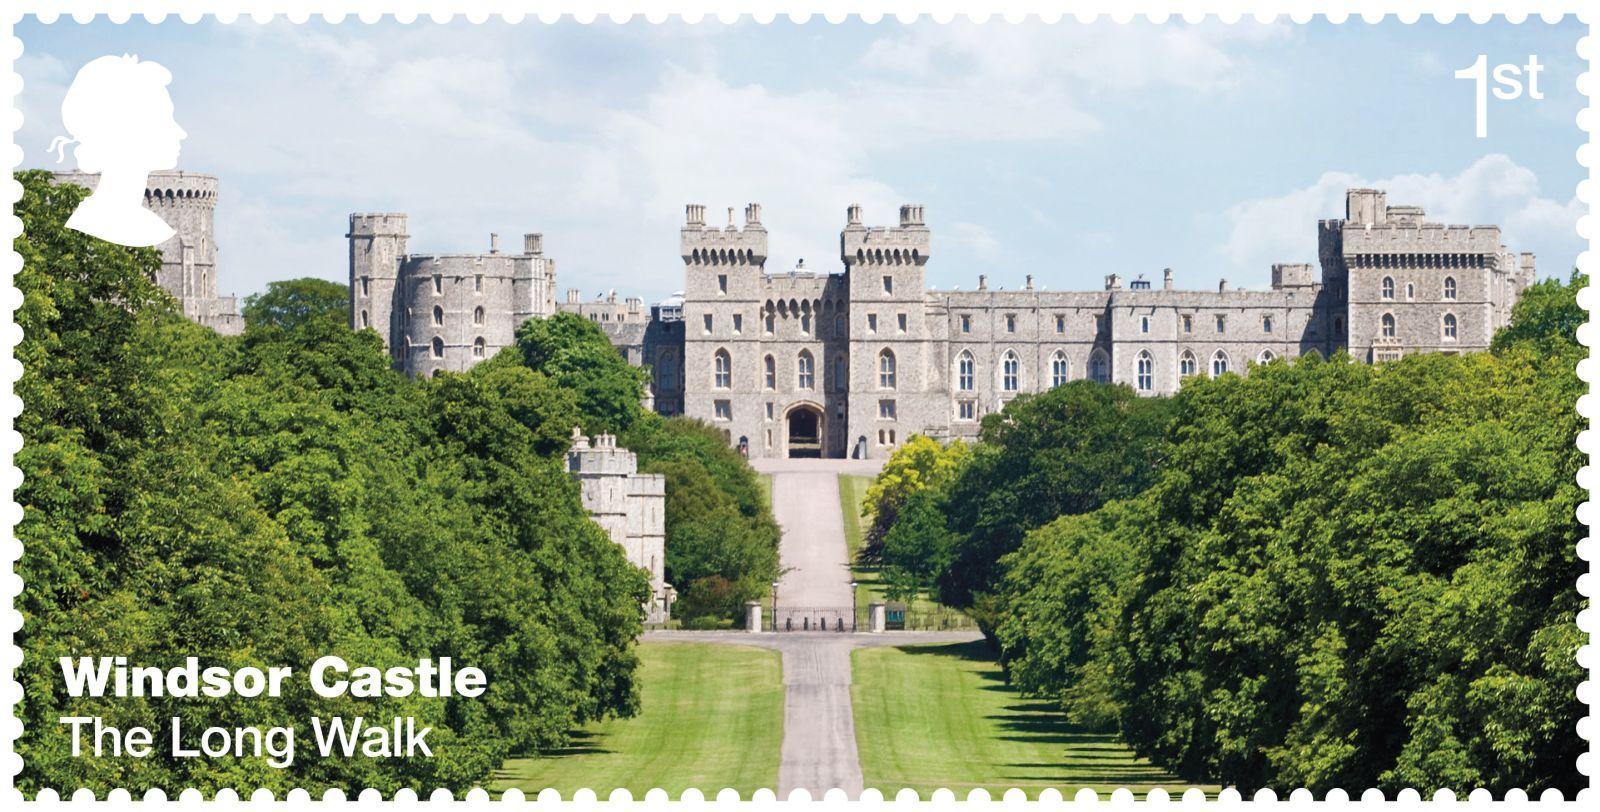 Windsor_Castle_on_Royal_Mail_stamps05